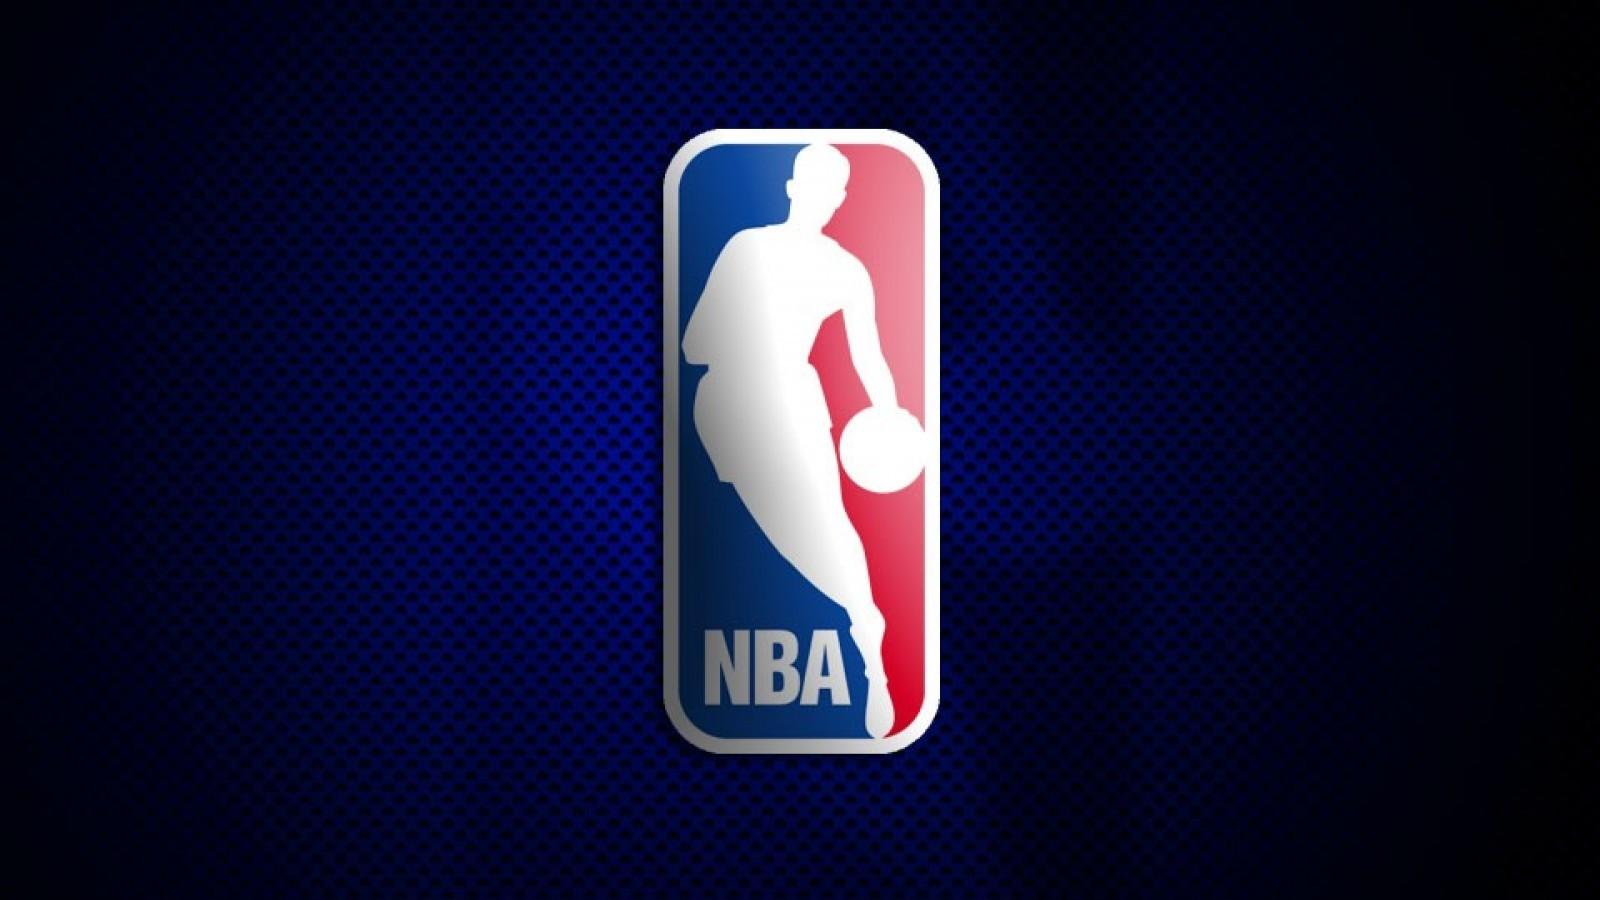 Найкращі моменти матчів НБА 25 лютого: відео